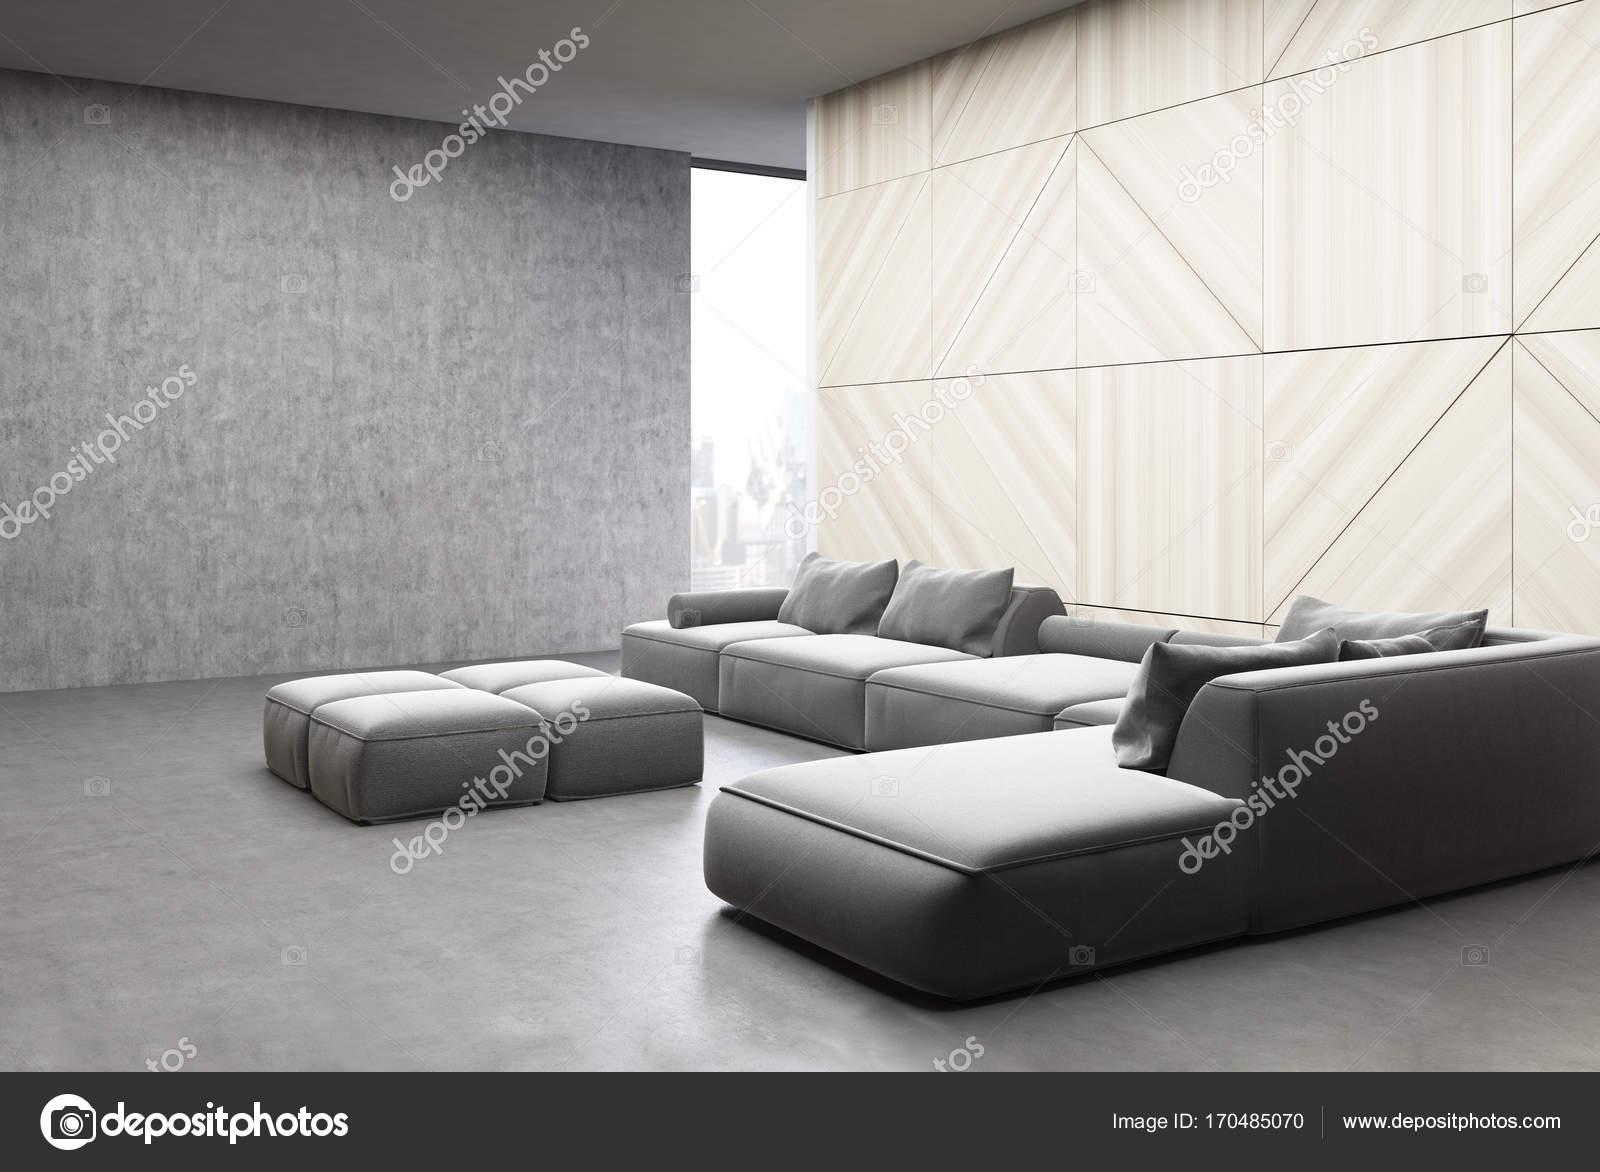 Moderne Wohnzimmer Interieur Mit Weißen Panel Und Betonwände,  Panoramafenster Und Weichen Grauen Sofas. 3D Rendering Mock Up U2014 Foto Von  Denisismagilov